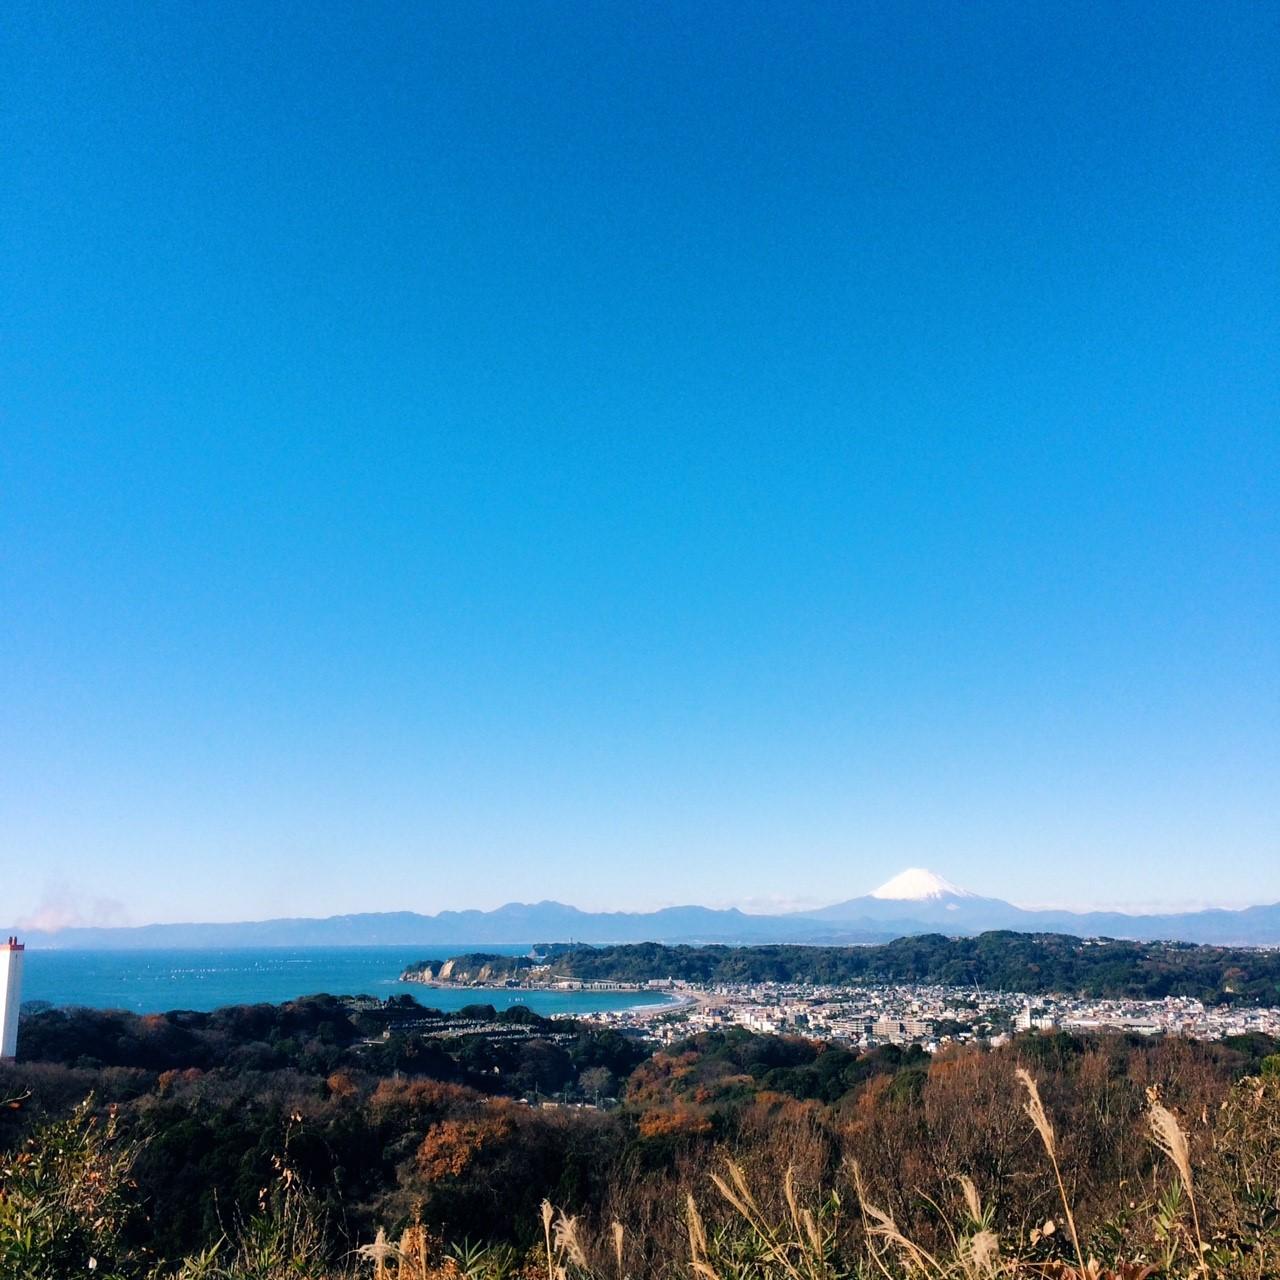 Q1_散歩コースからの風景